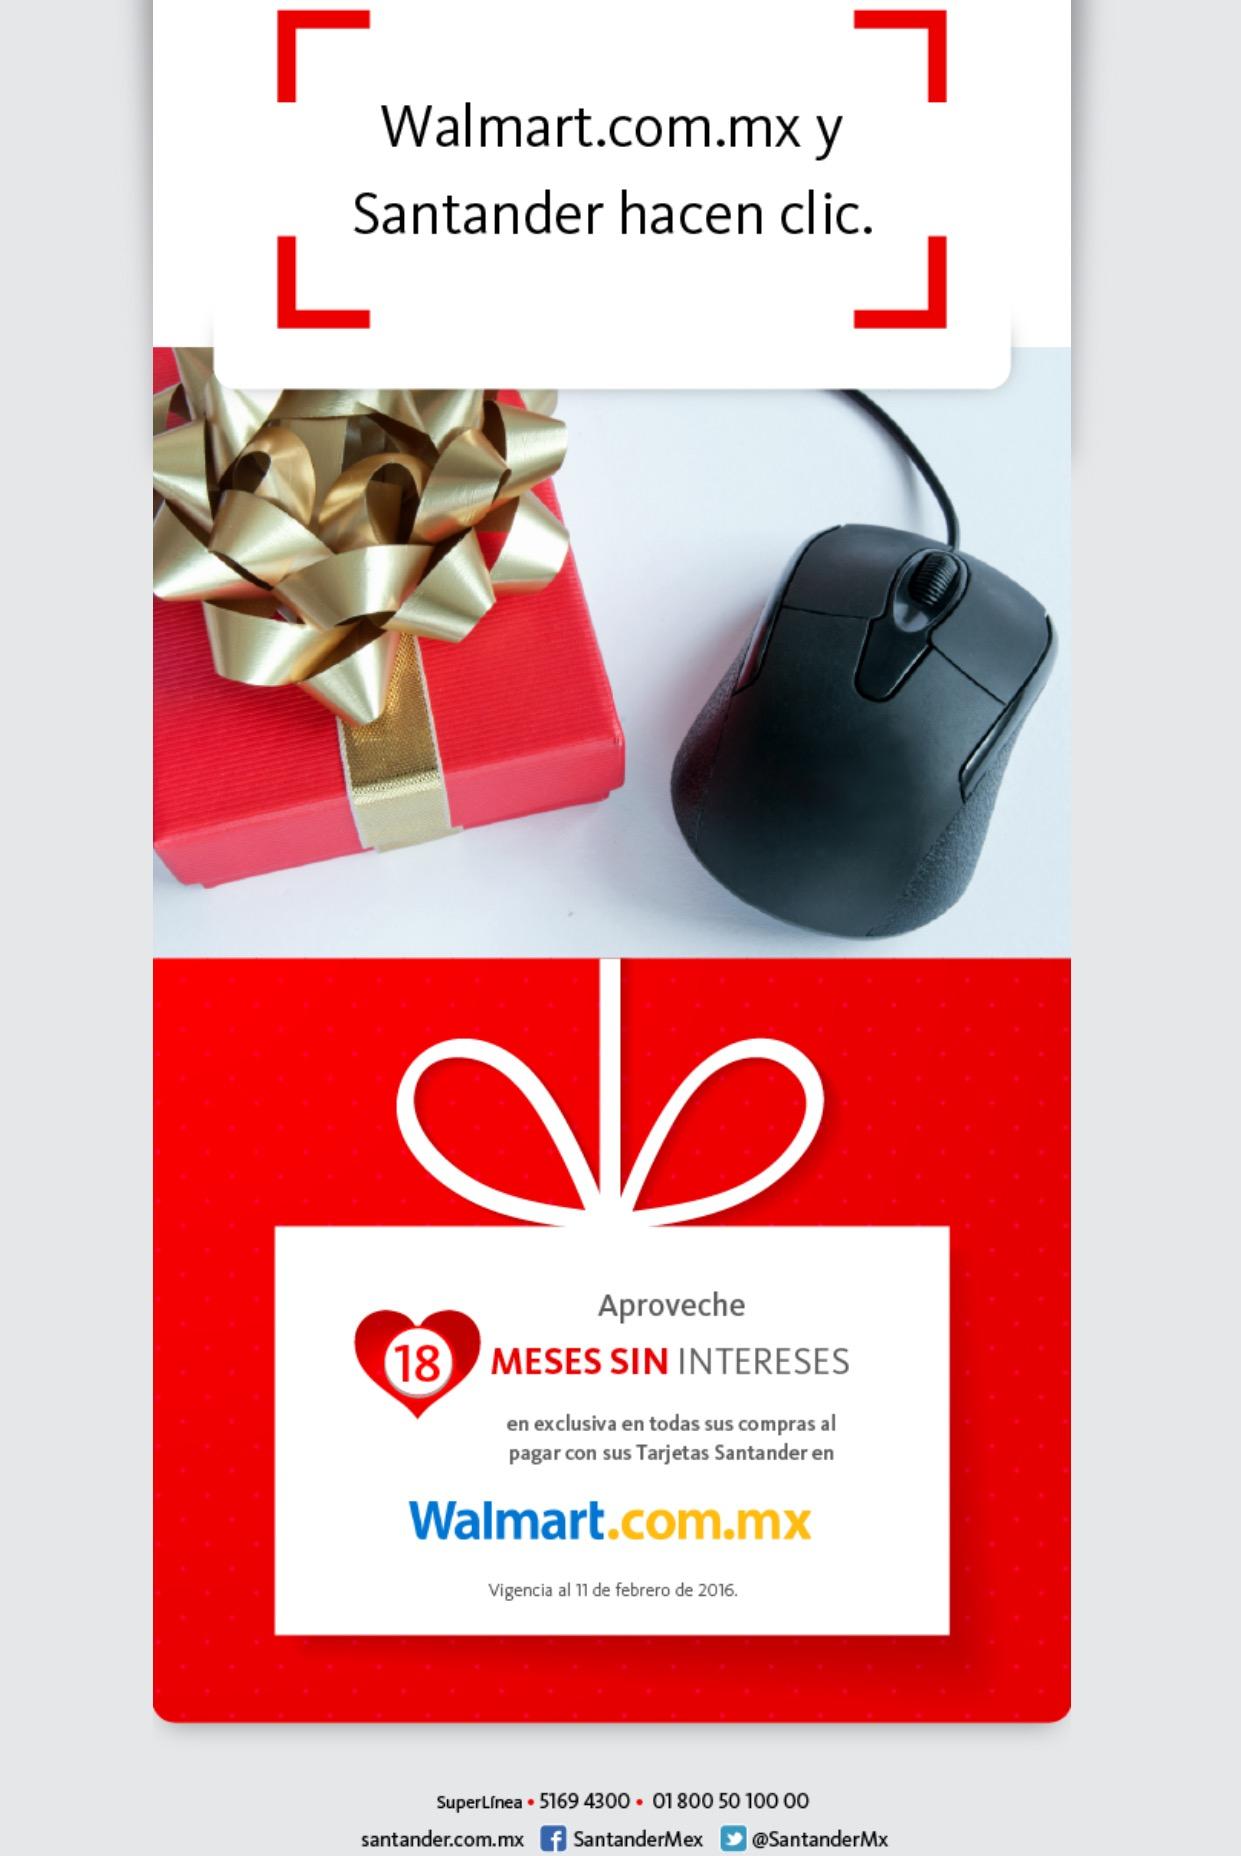 Walmart en línea: 18 meses sin intereses con tarjetas de crédito Santander